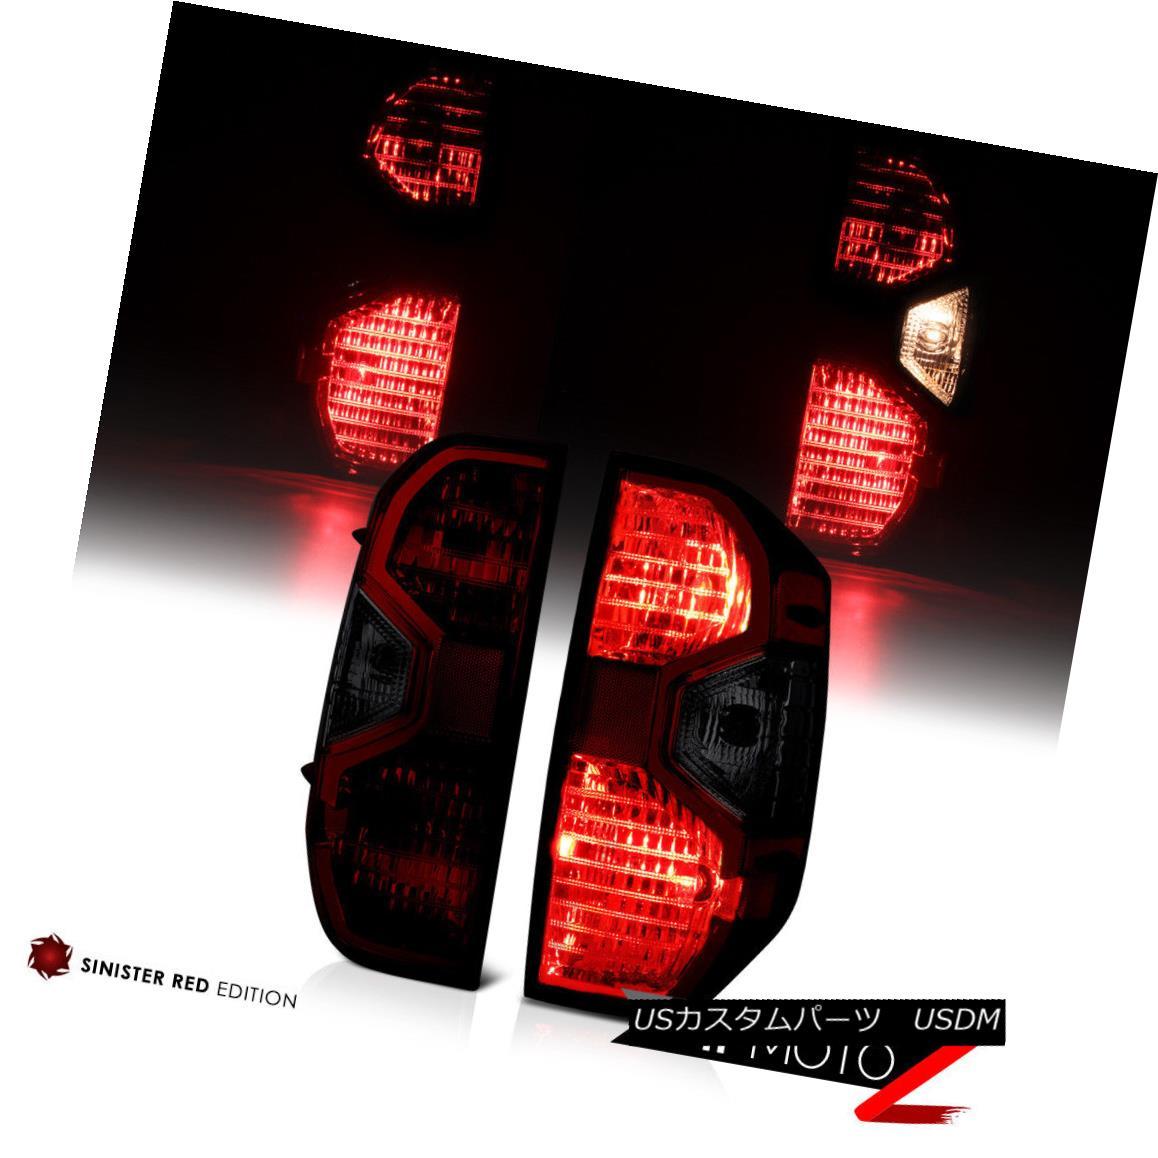 テールライト 2014-2018 Toyota Tundra SR5 1794 JDM SMOKE Dark Red Tail Lights Replacement Pair 2014-2018トヨタトンドラSR5 1794 JDM SMOKEダークレッドテールライト交換ペア